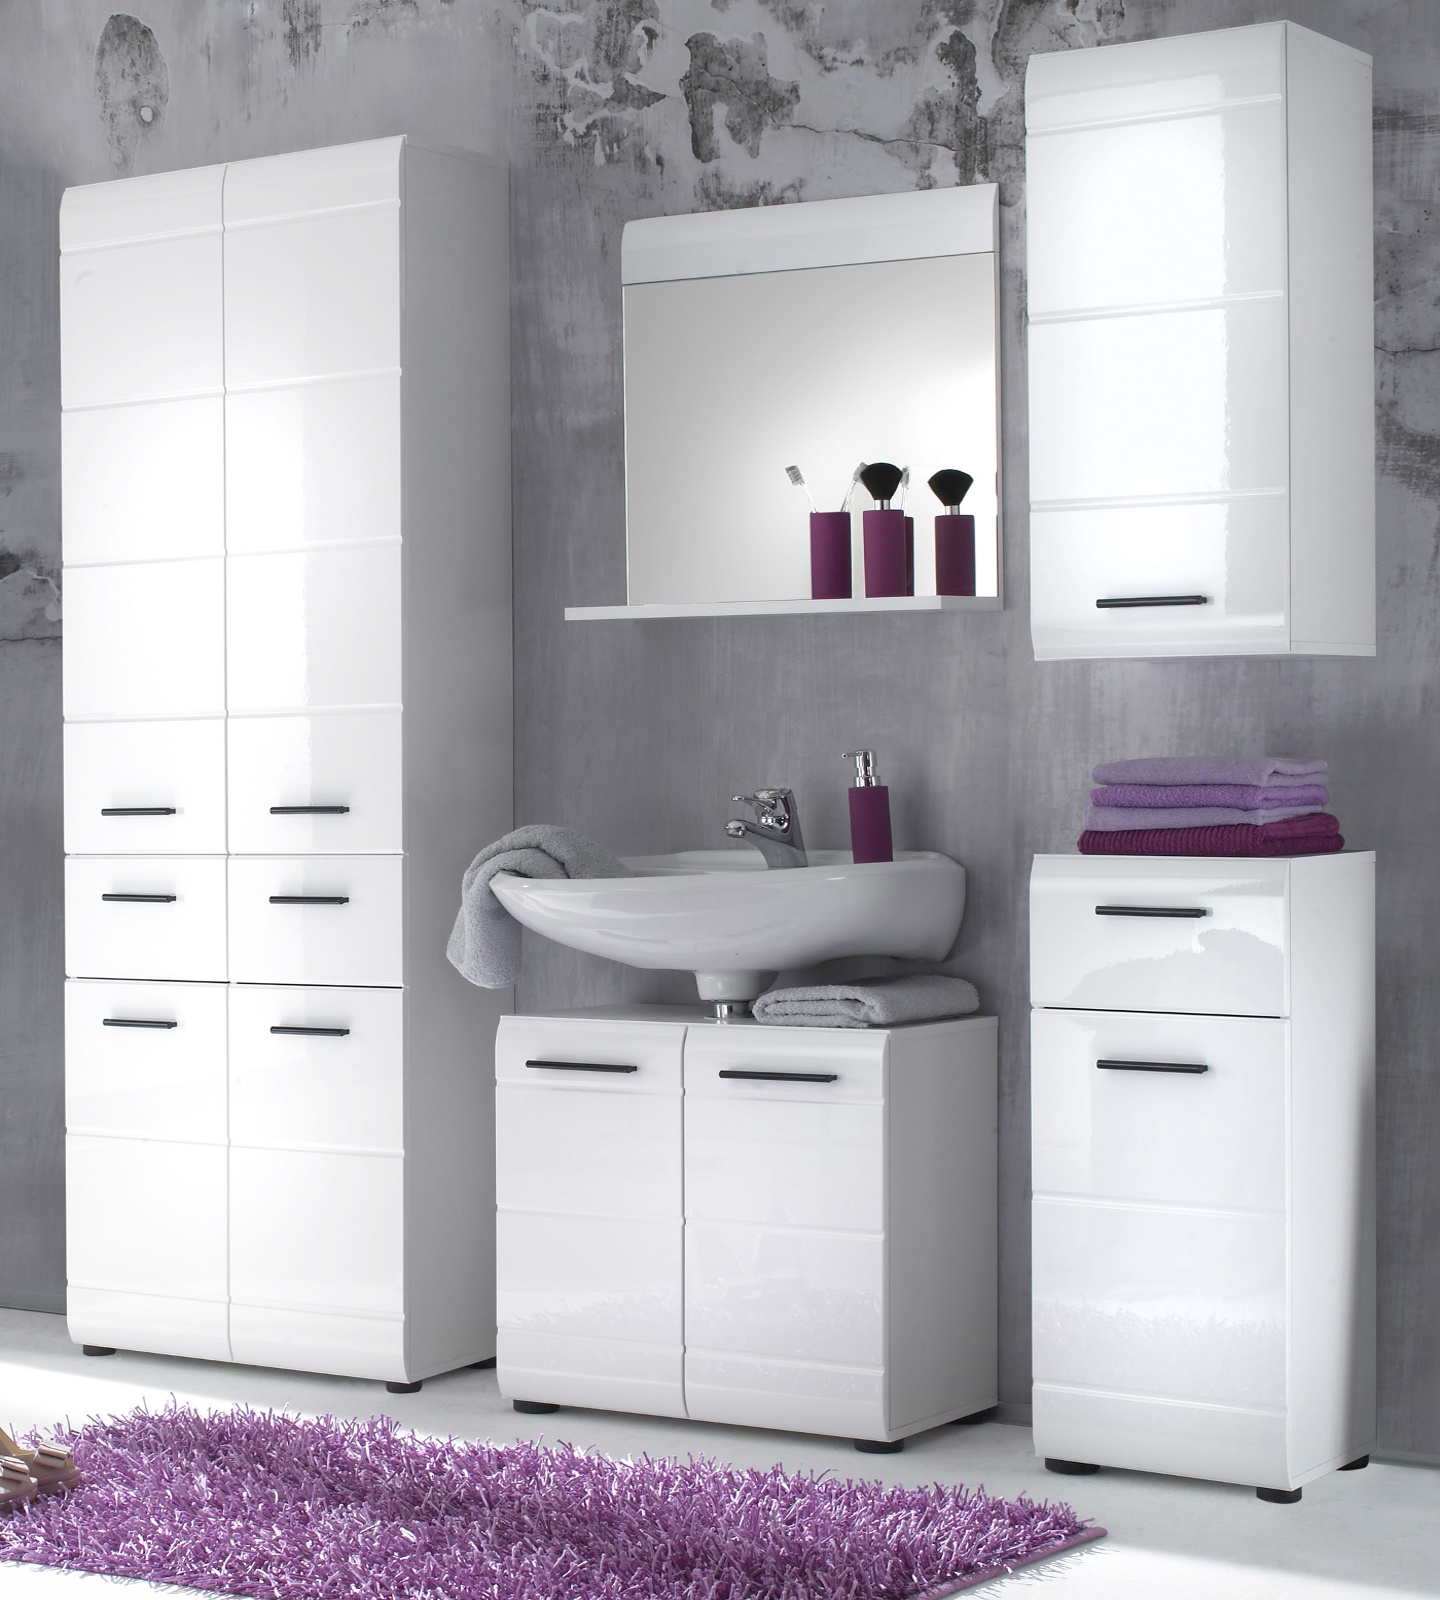 badm bel set skin wei hochglanz 5 teilig. Black Bedroom Furniture Sets. Home Design Ideas